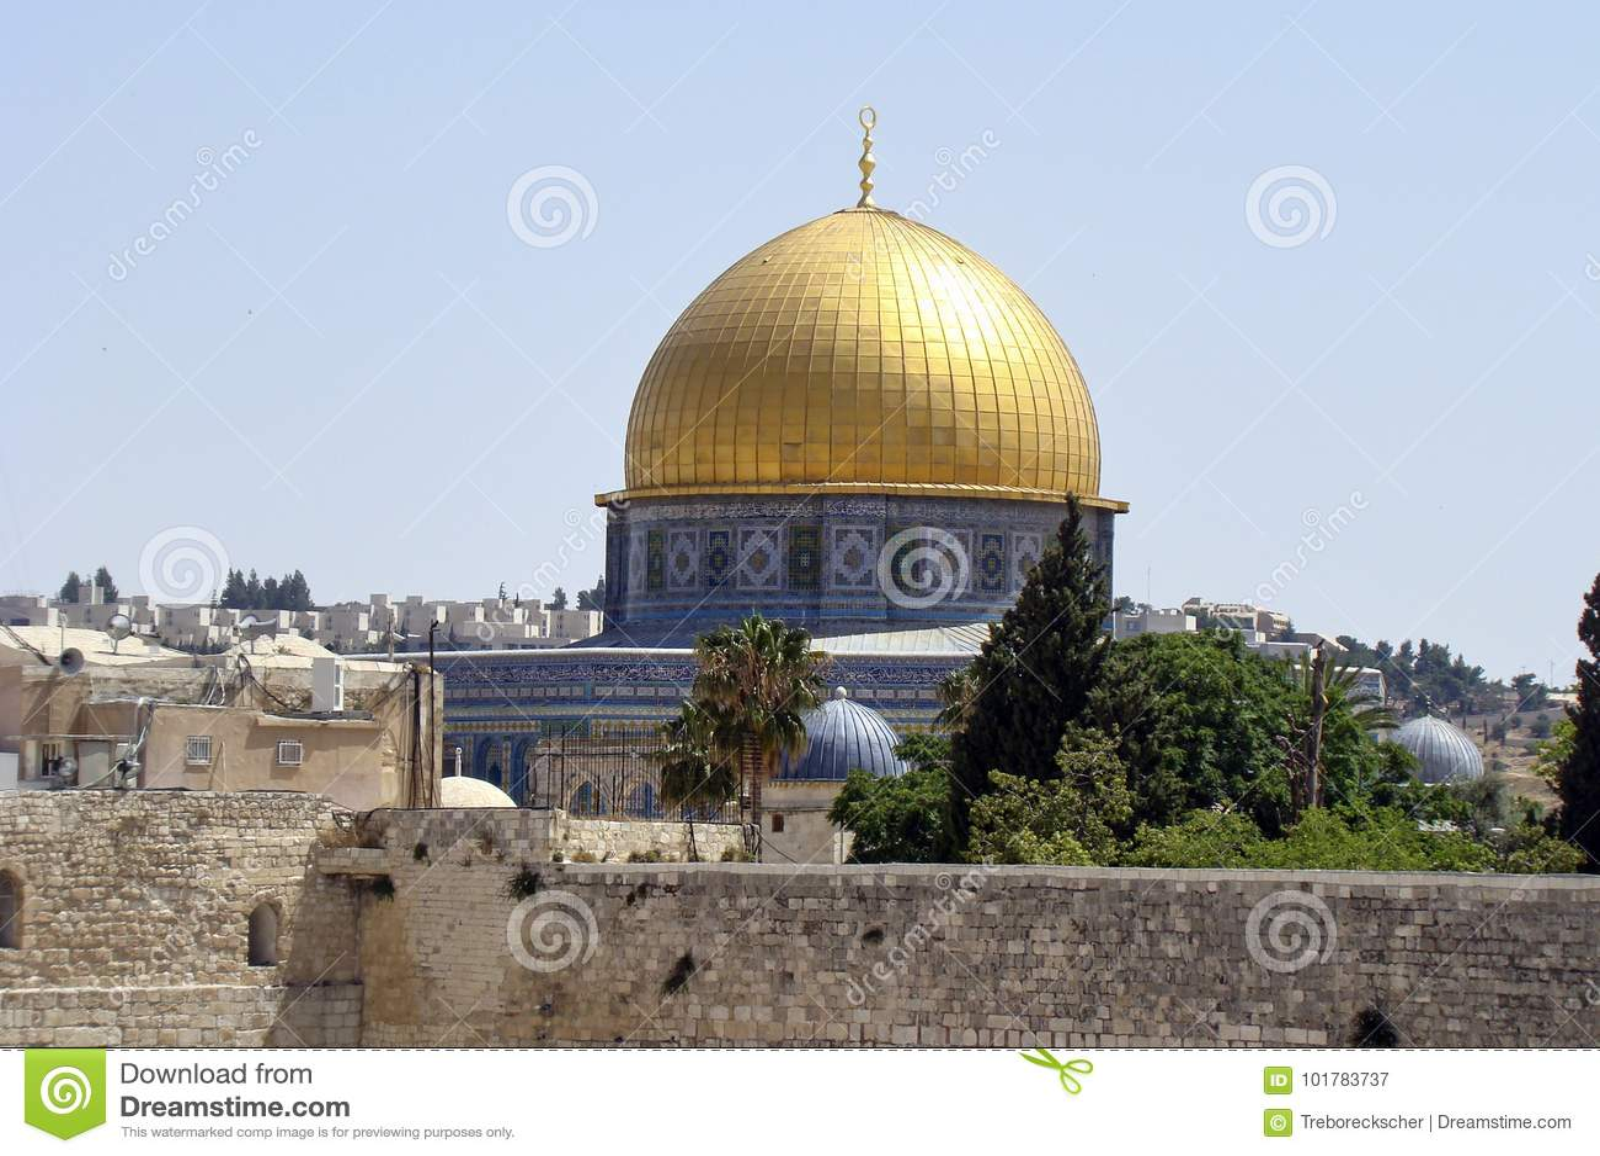 Le dôme de la roche à Jérusalem, Israël